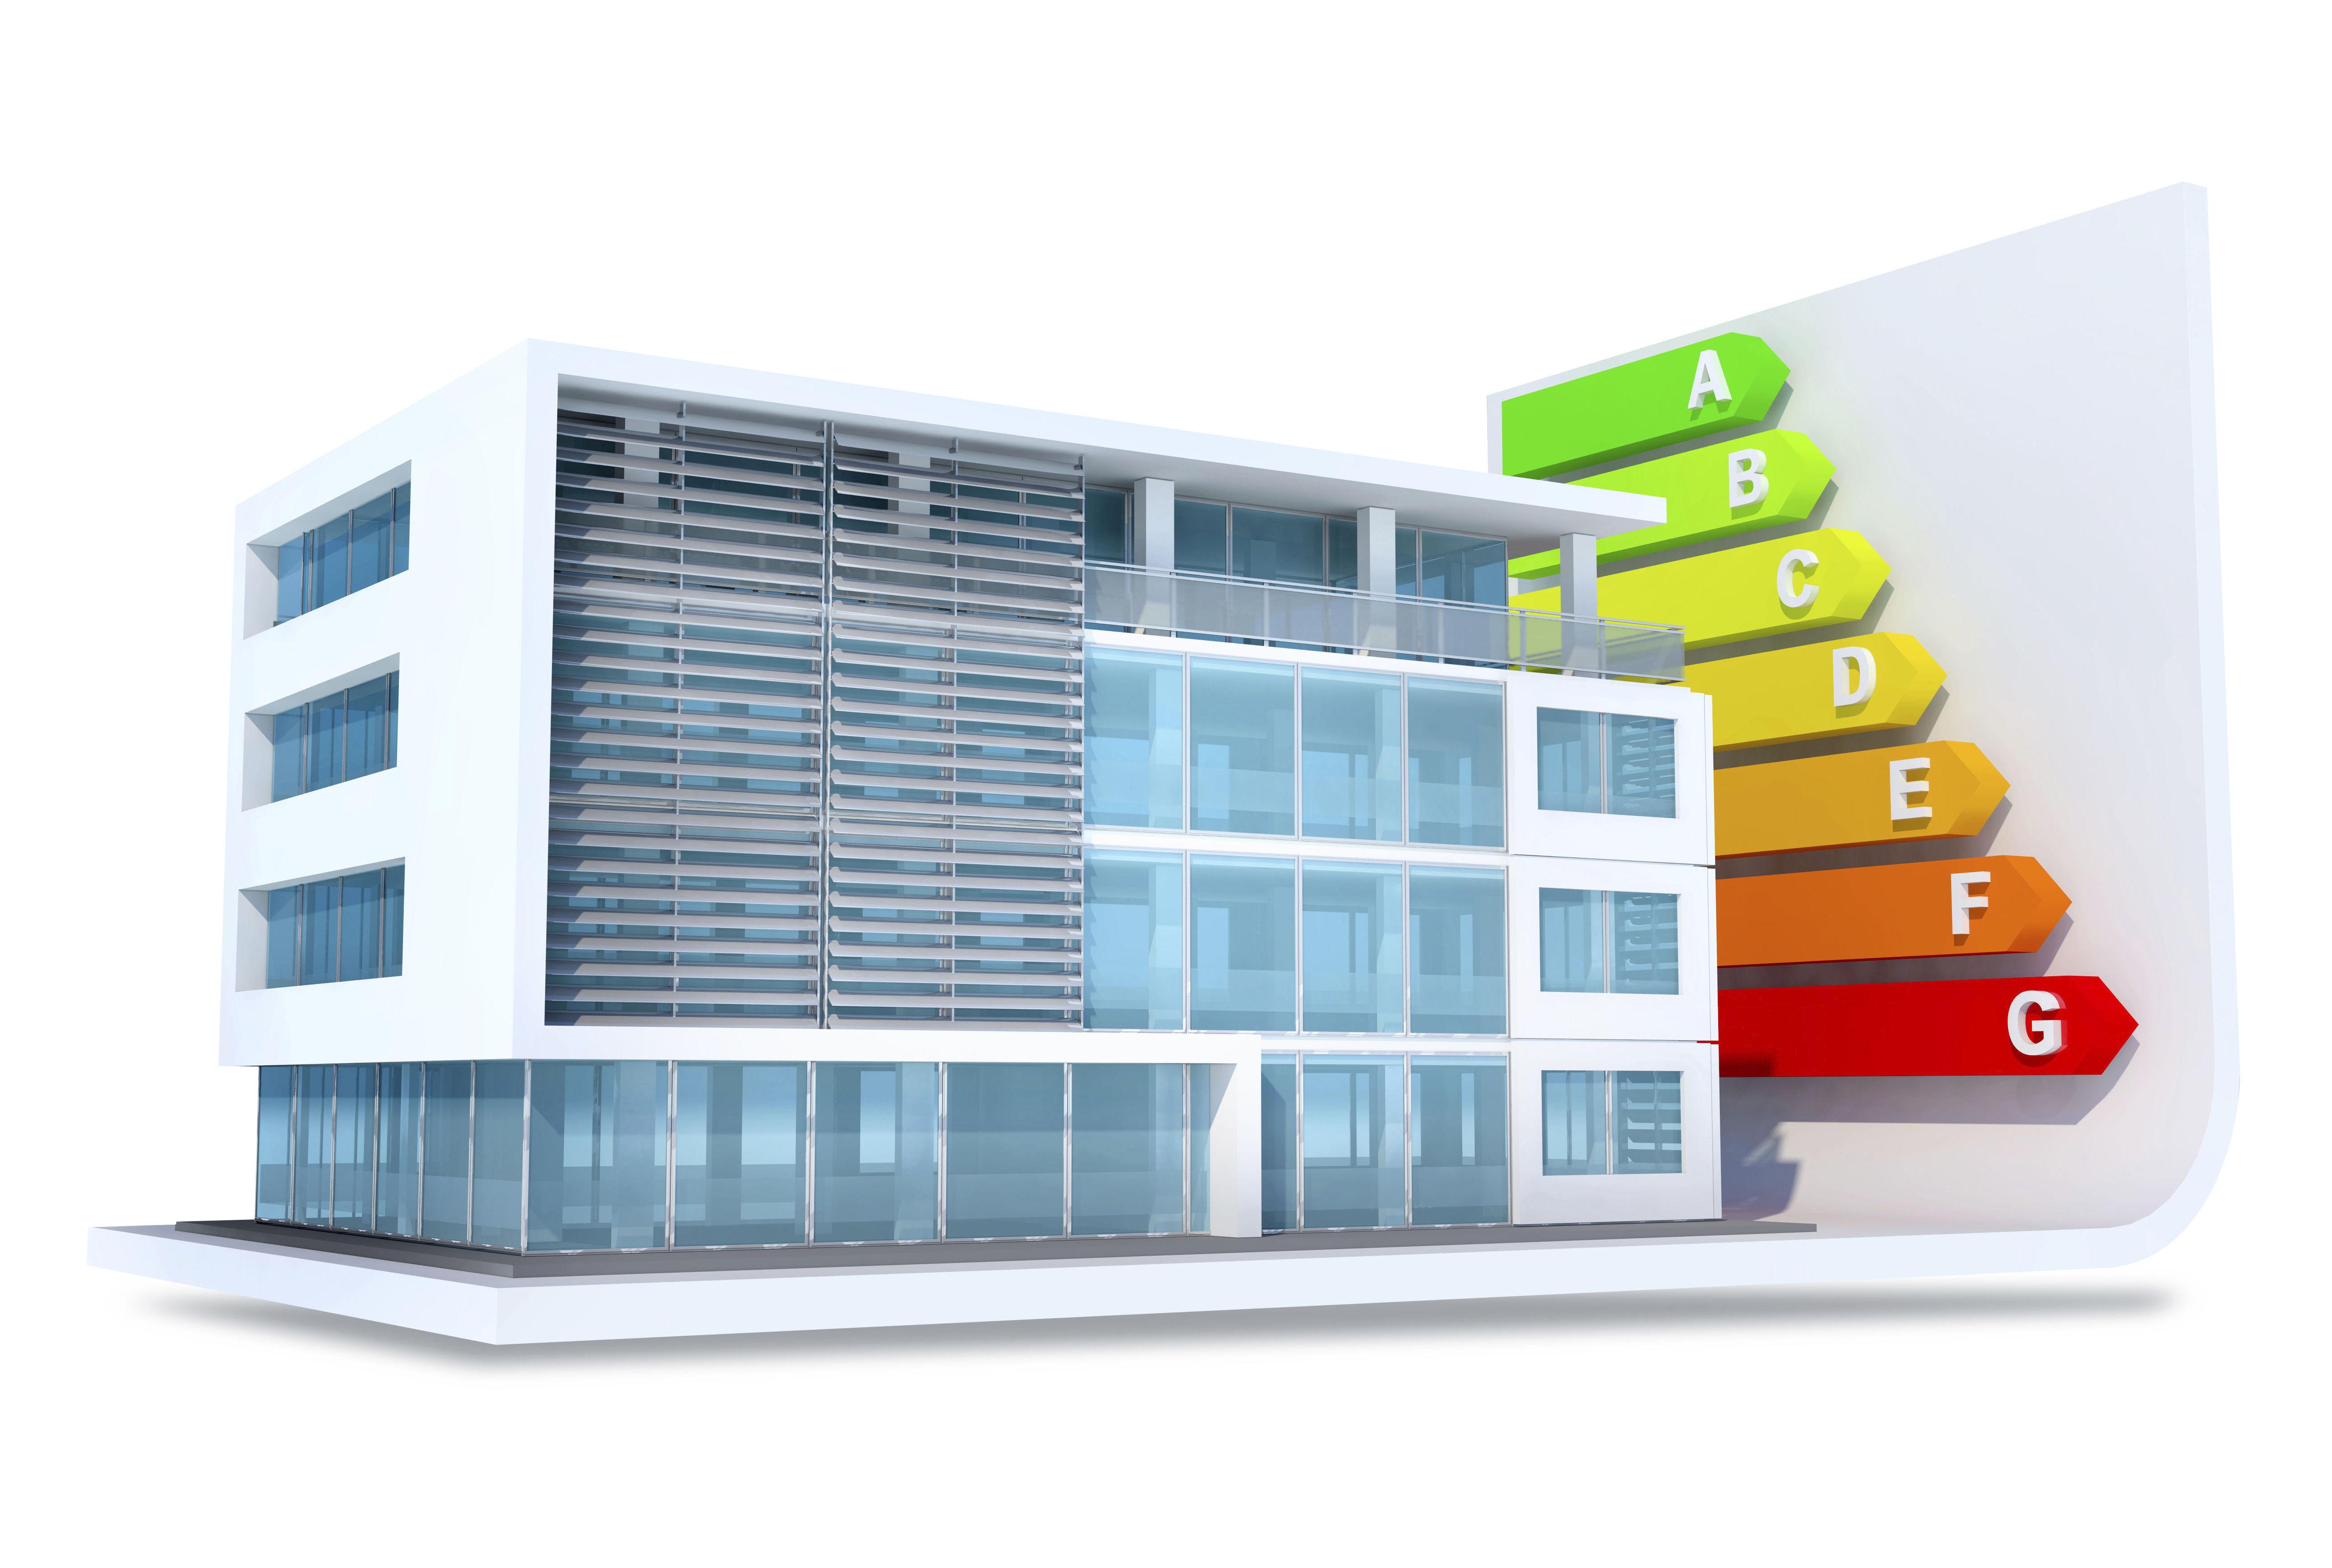 Certificado Descriptivo y Gráfico para Emisión Cédula Habitabilidad Viviendas Turísticas